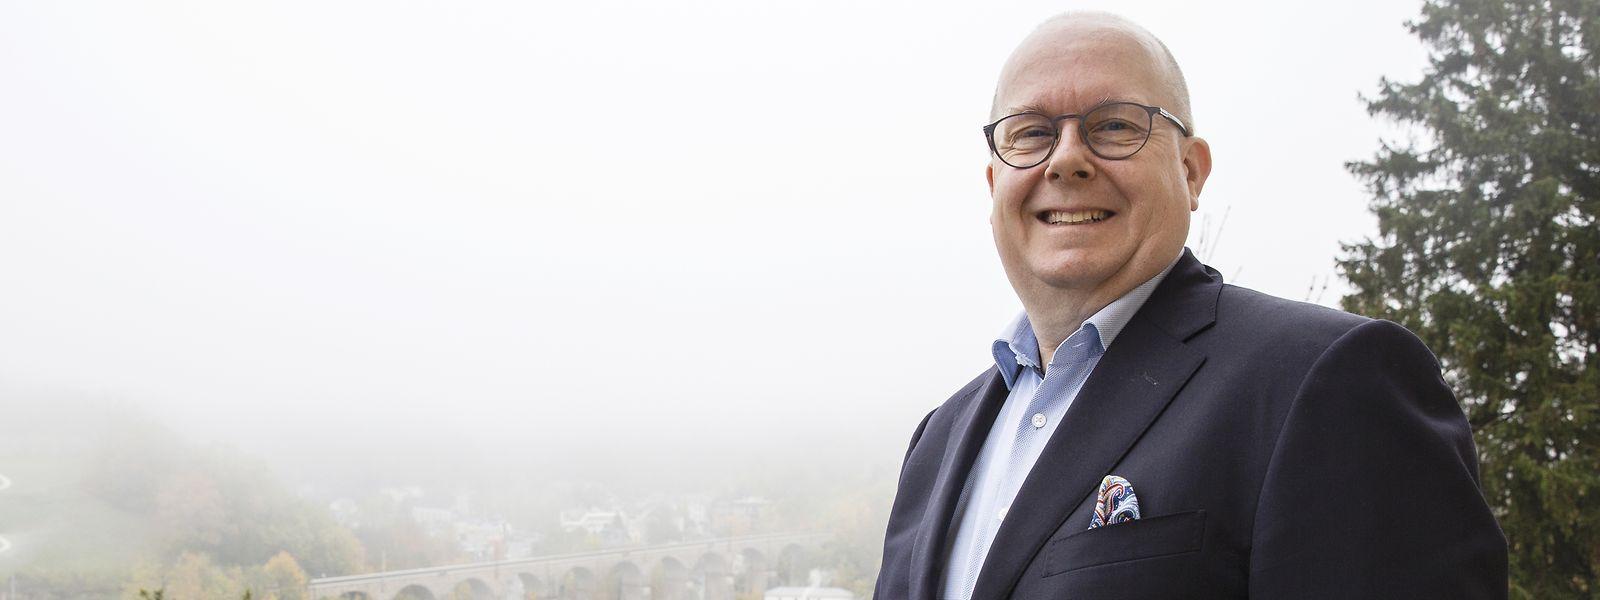 Marco Houwen, fondateur de LU-CIX, préside à l'organisation des Luxembourg Internet Days.